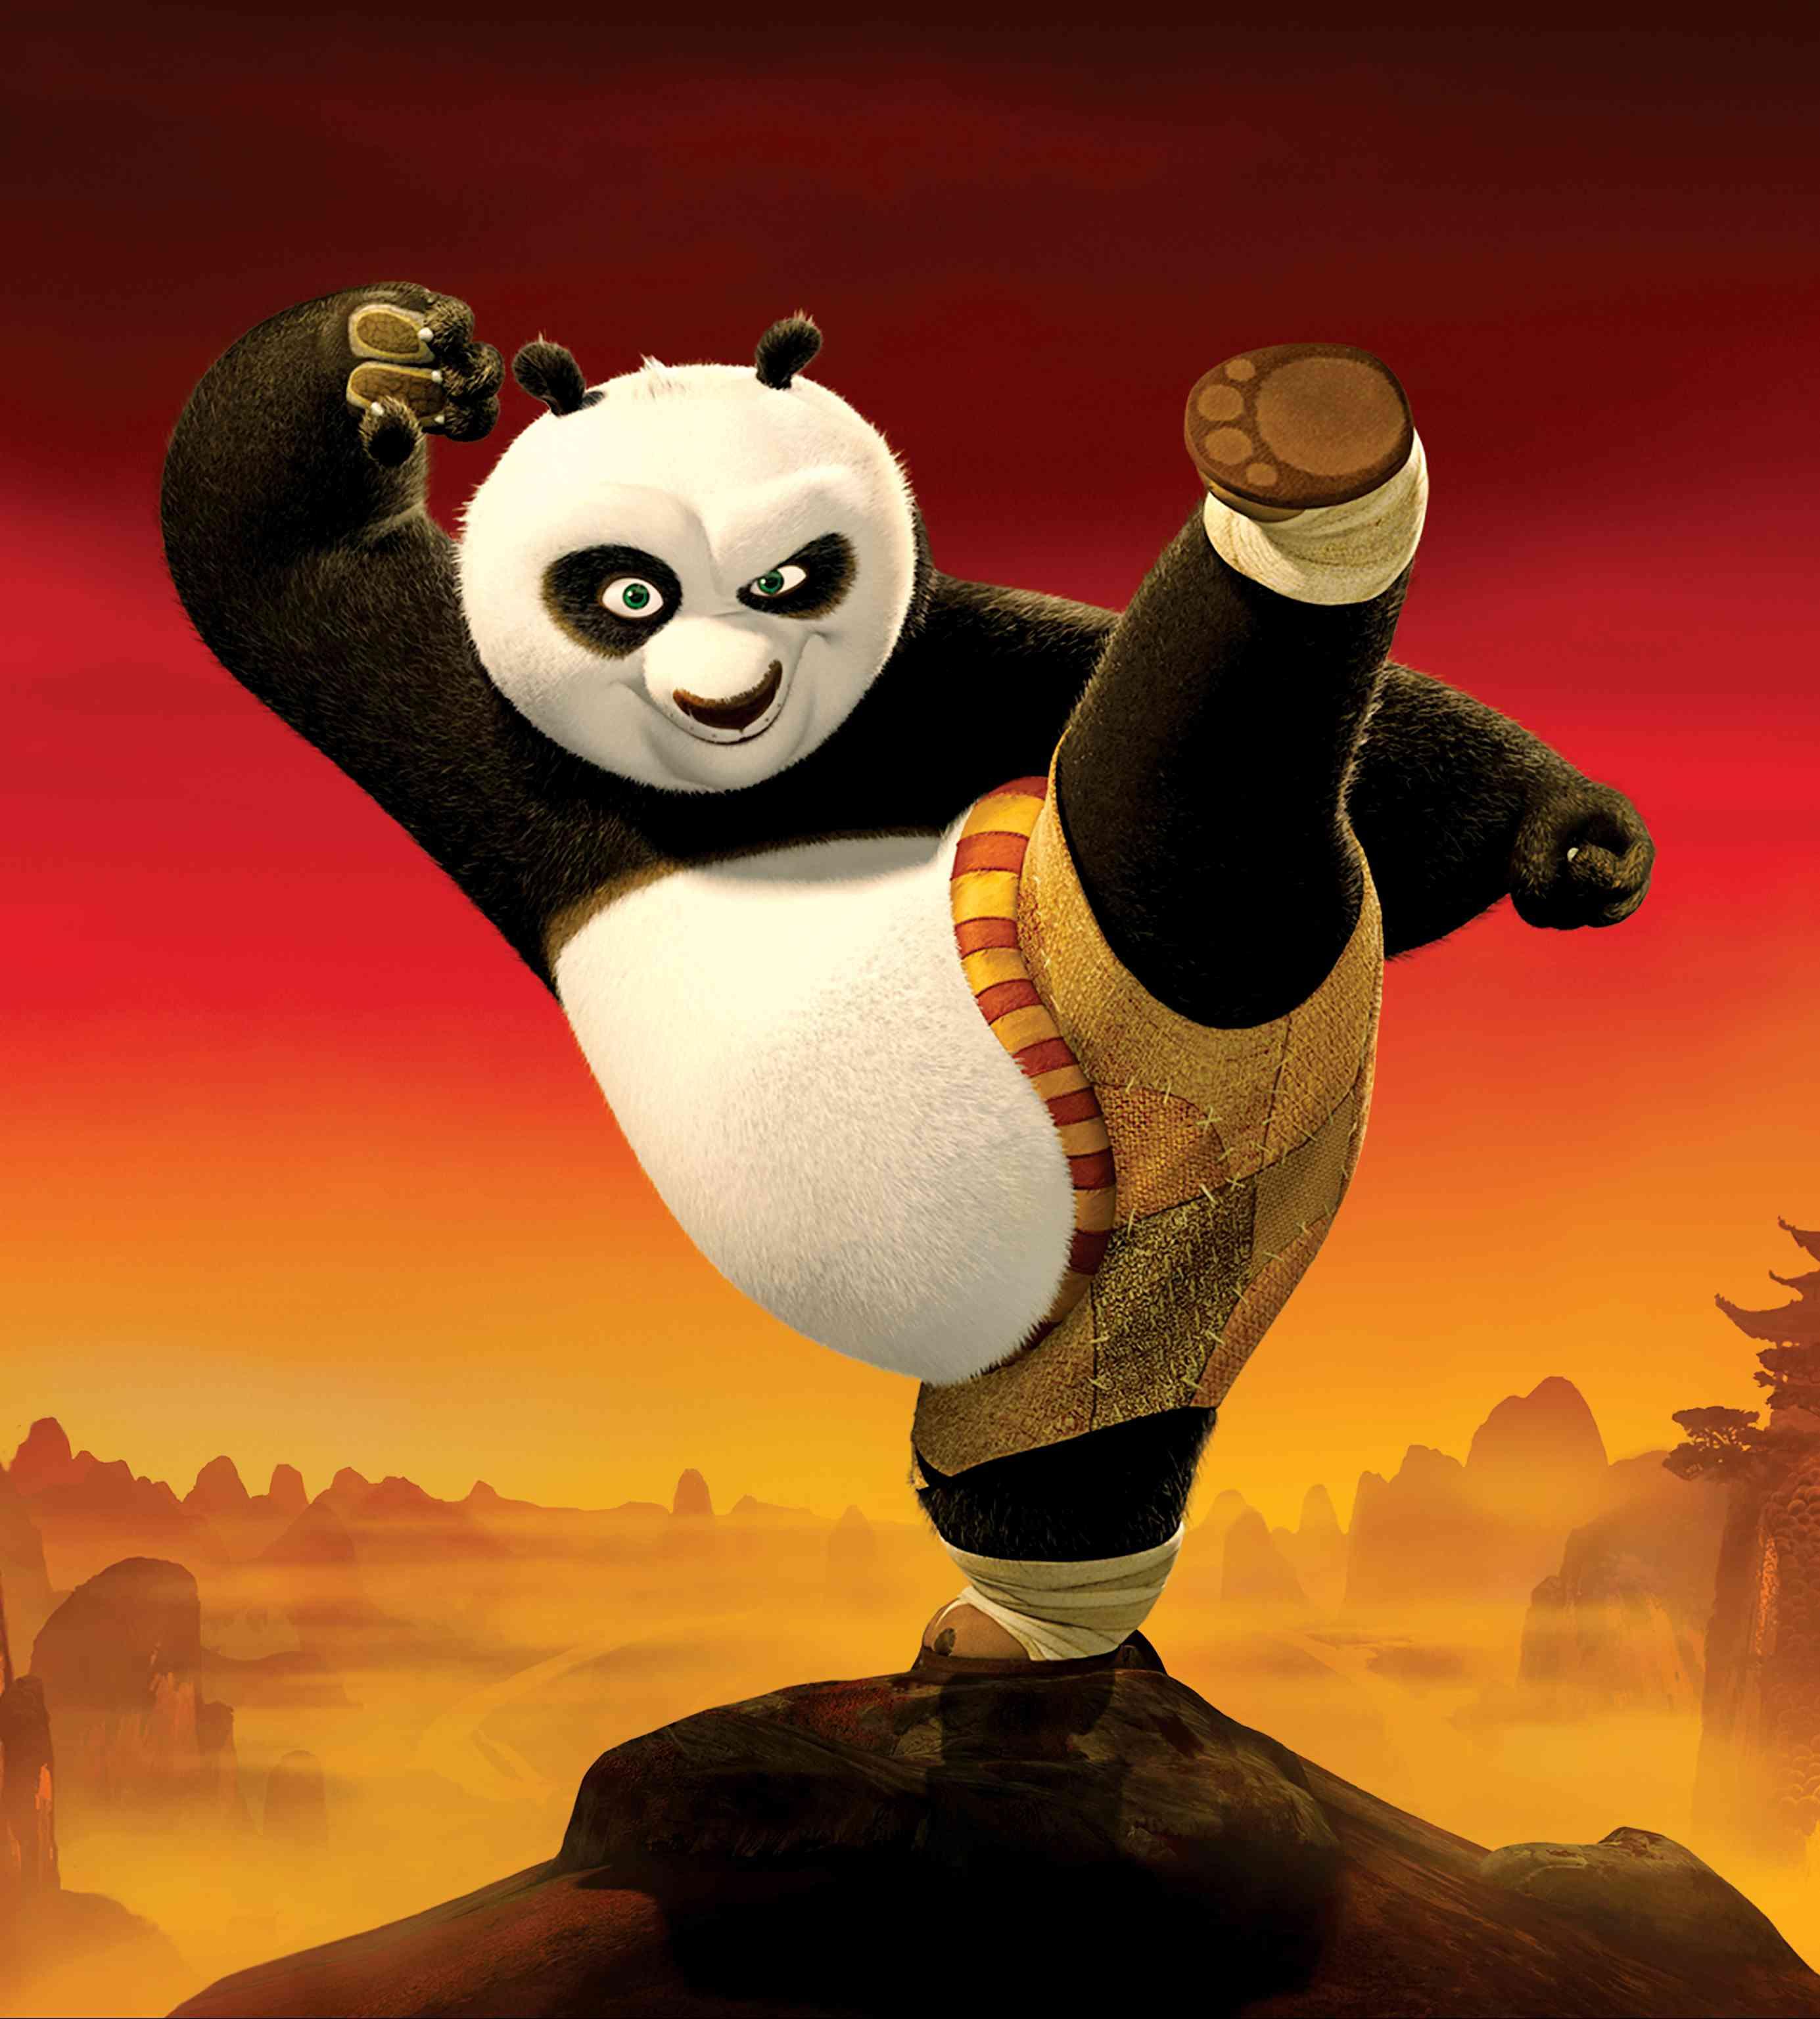 kung fu panda   resenha do filme   aspectos filos ficos